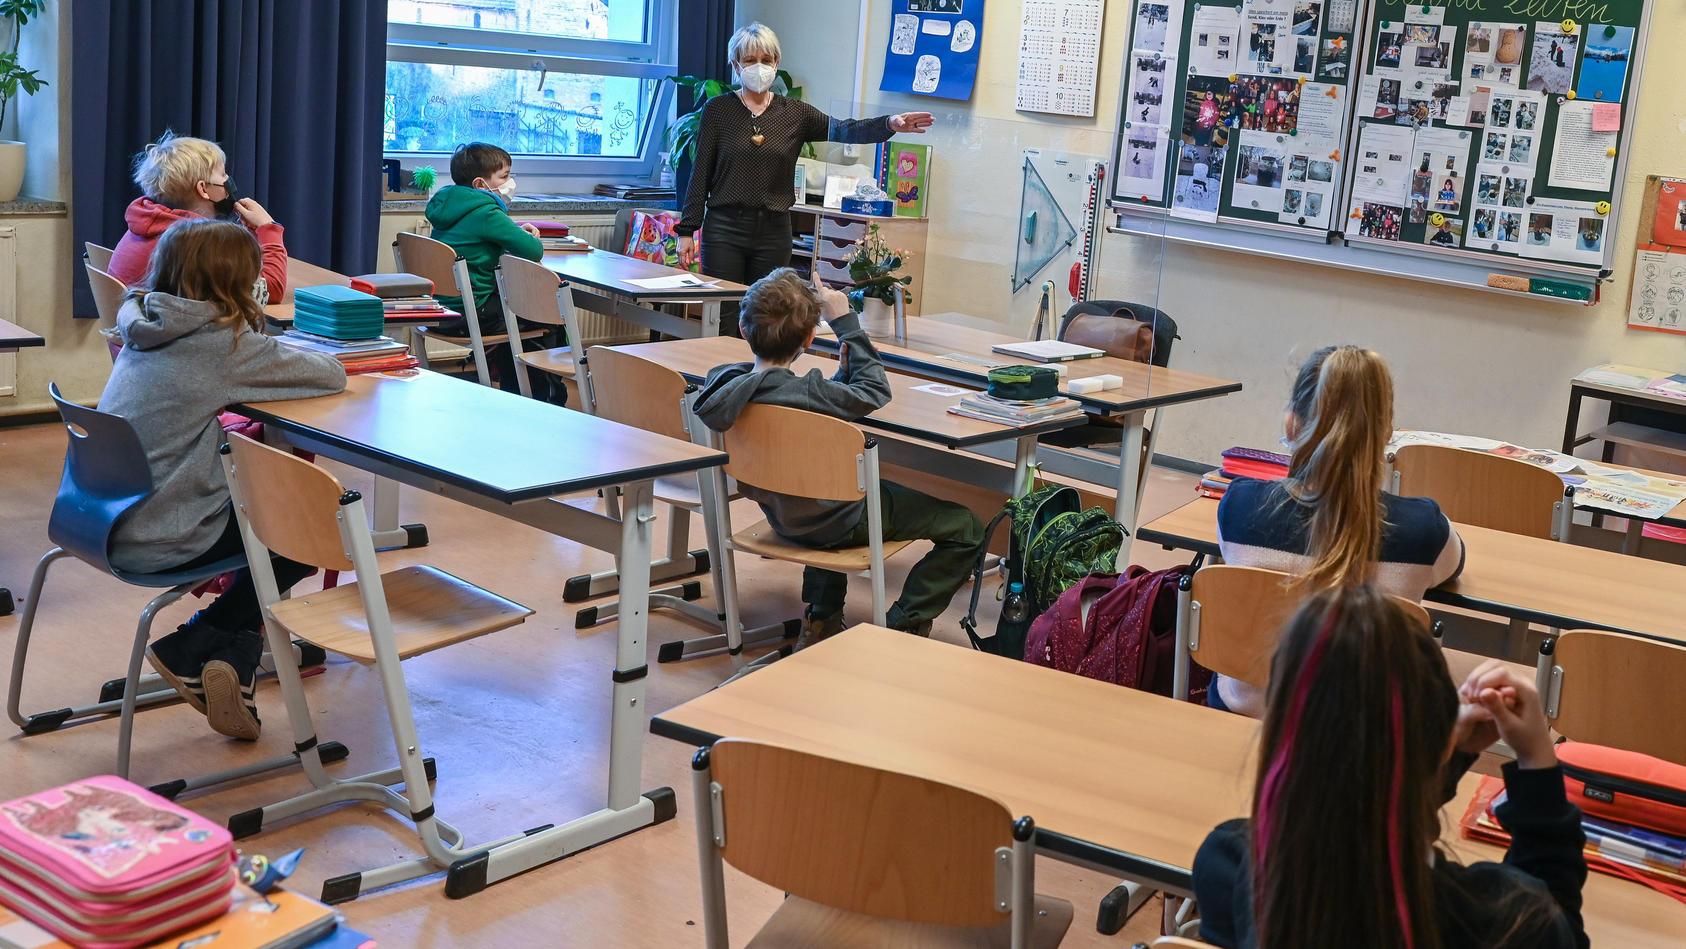 Im Wechselunterricht bleiben viele Stühle leer.